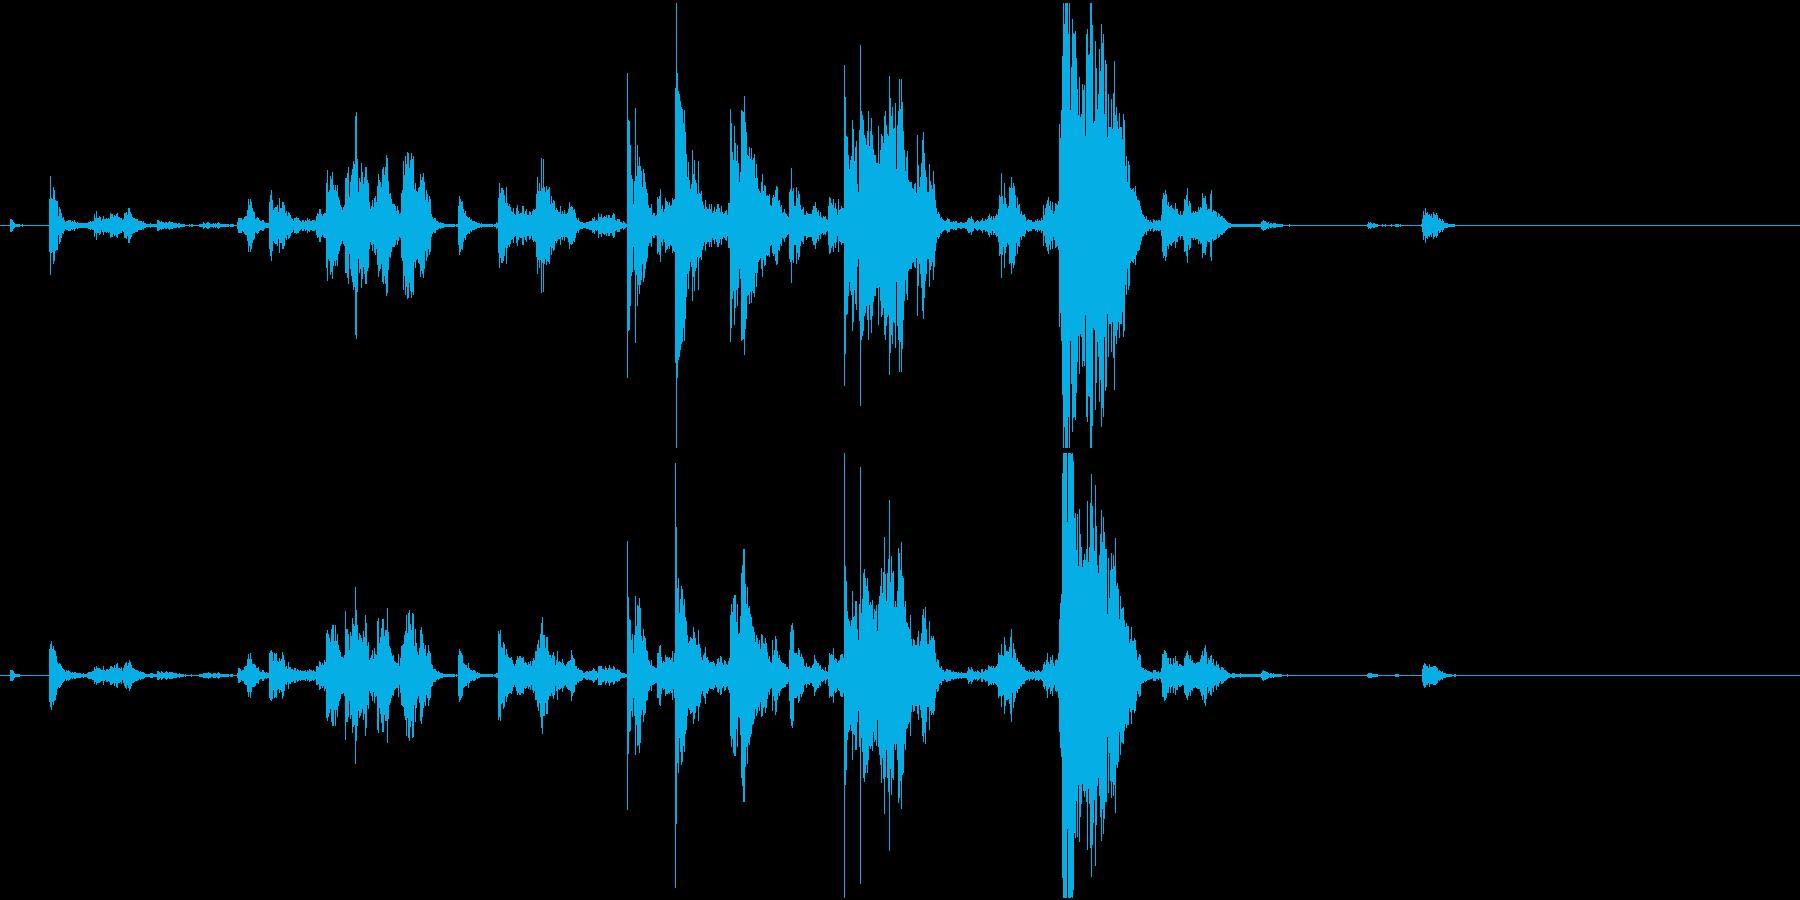 【生録音】手錠の音 5 手に持つ 準備の再生済みの波形